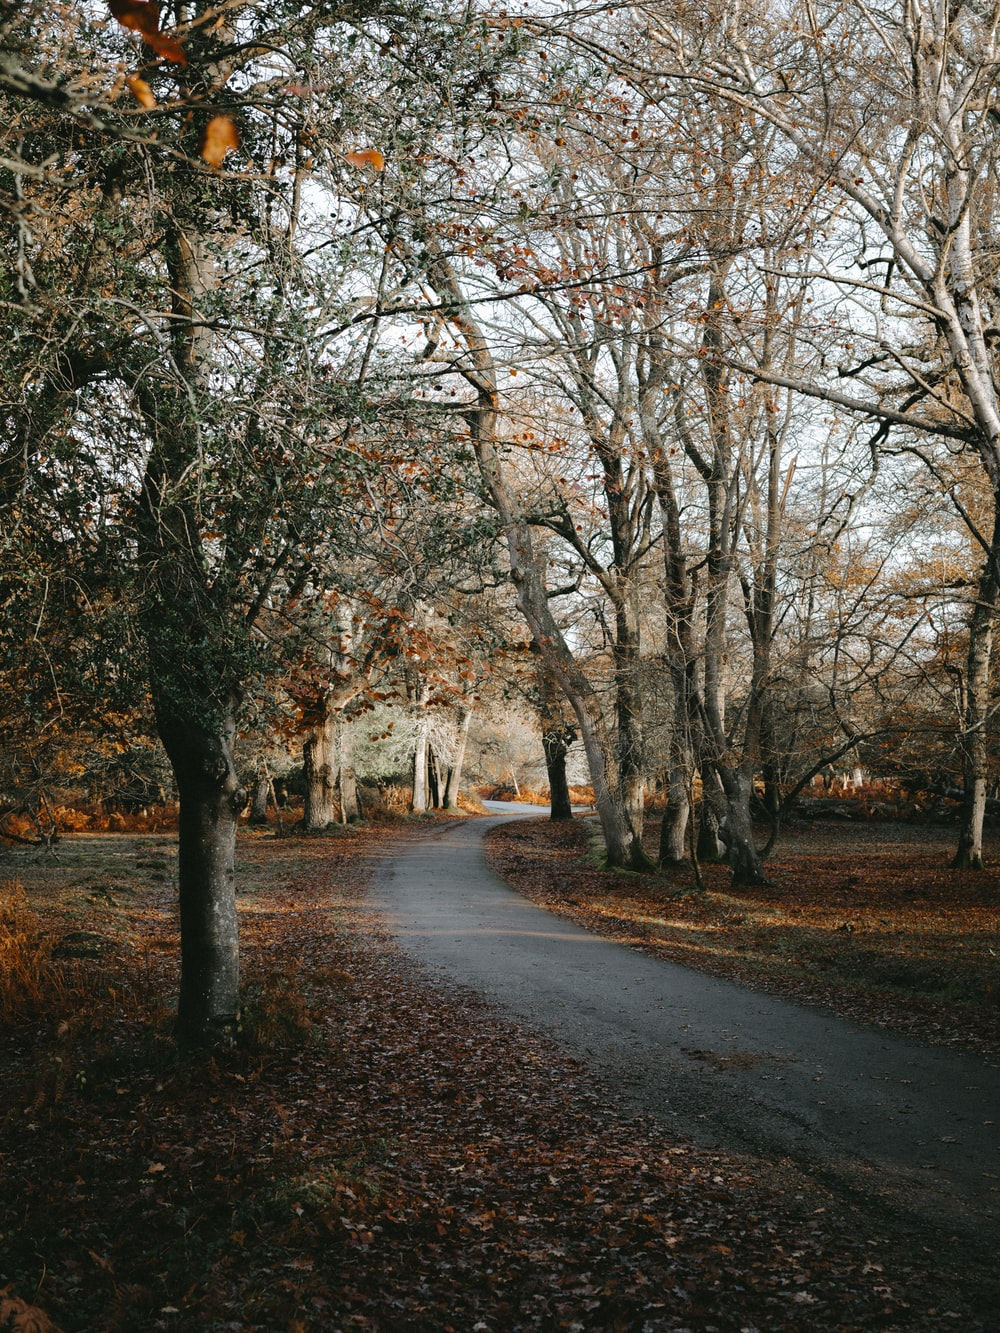 empty pathway between trees